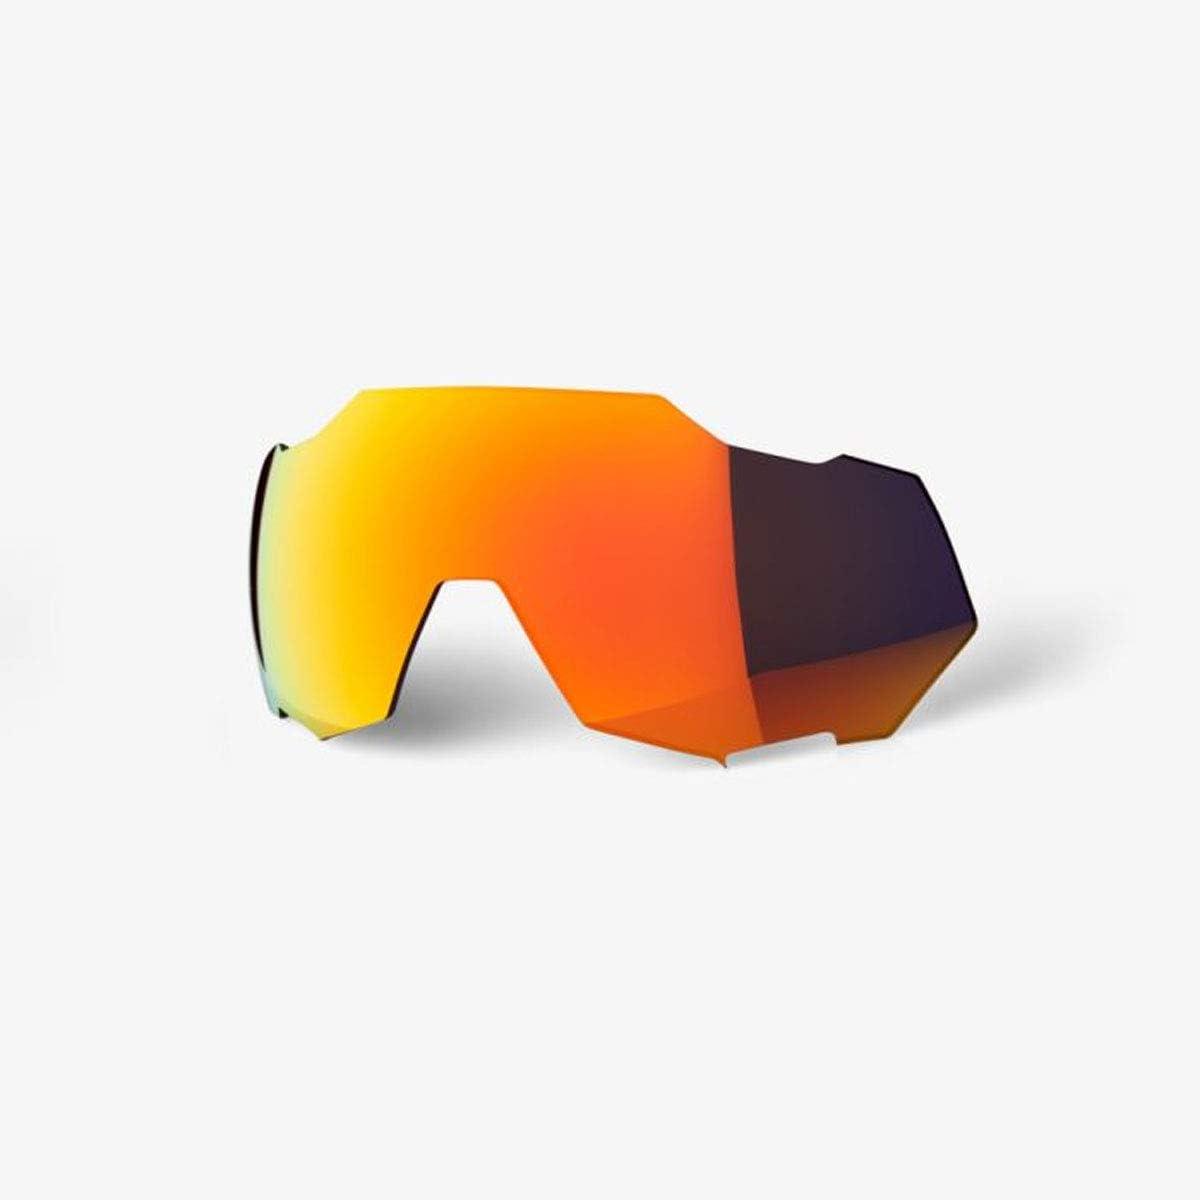 100% Percent Speedtrap Sunglass Replacement Lens - Hiper - 62023